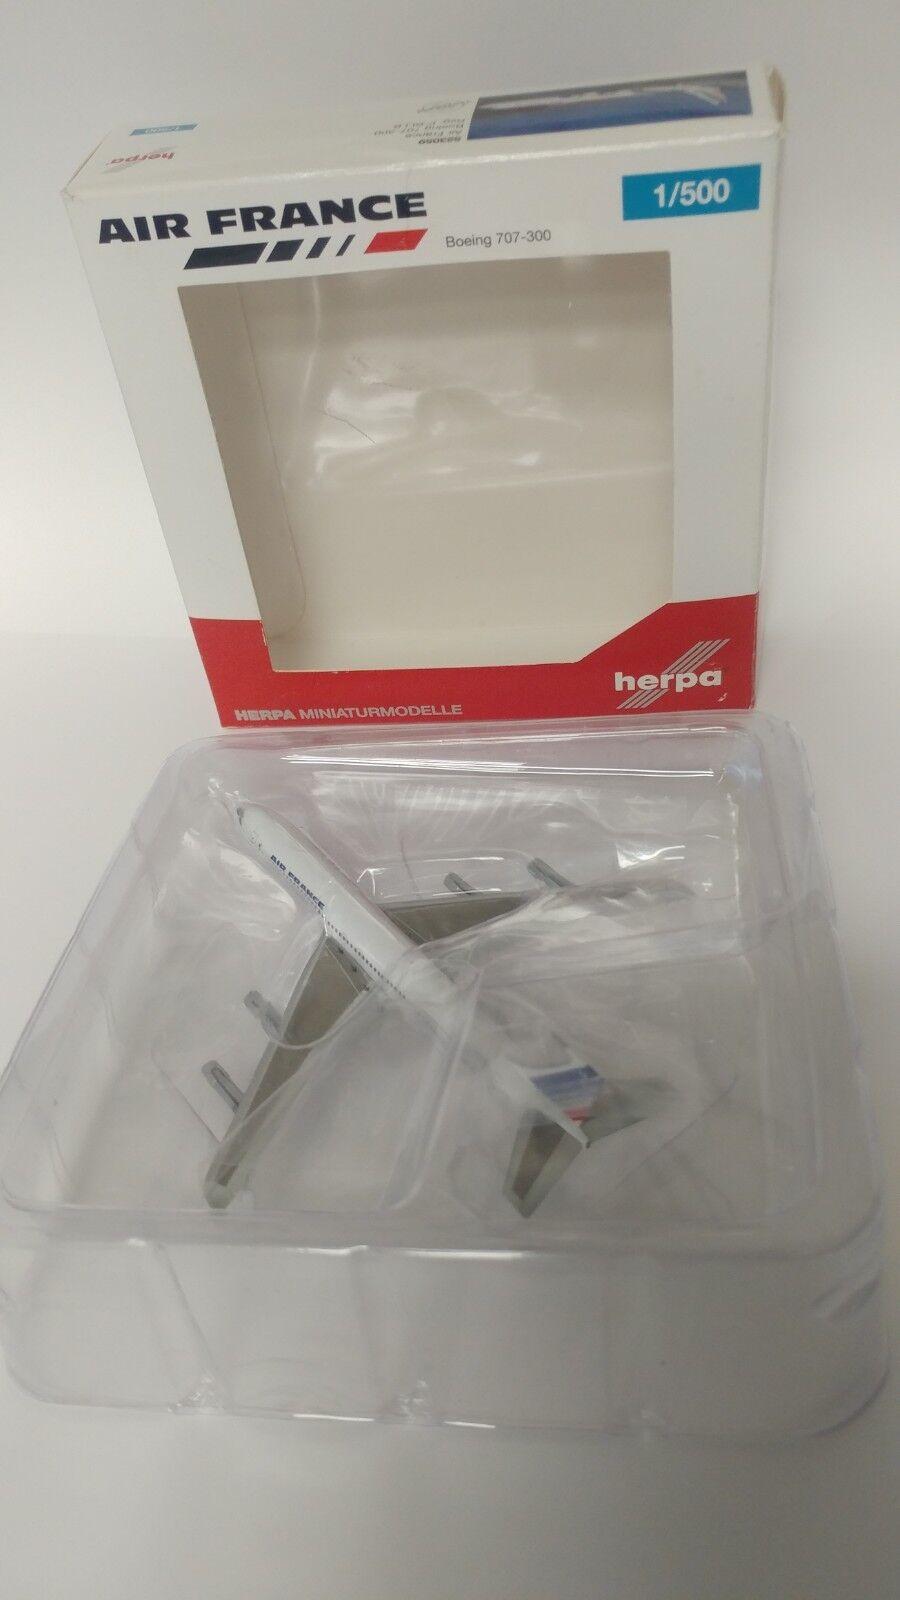 Herpa 1   500 miniatur - air - france - 523059 boeing 707-300